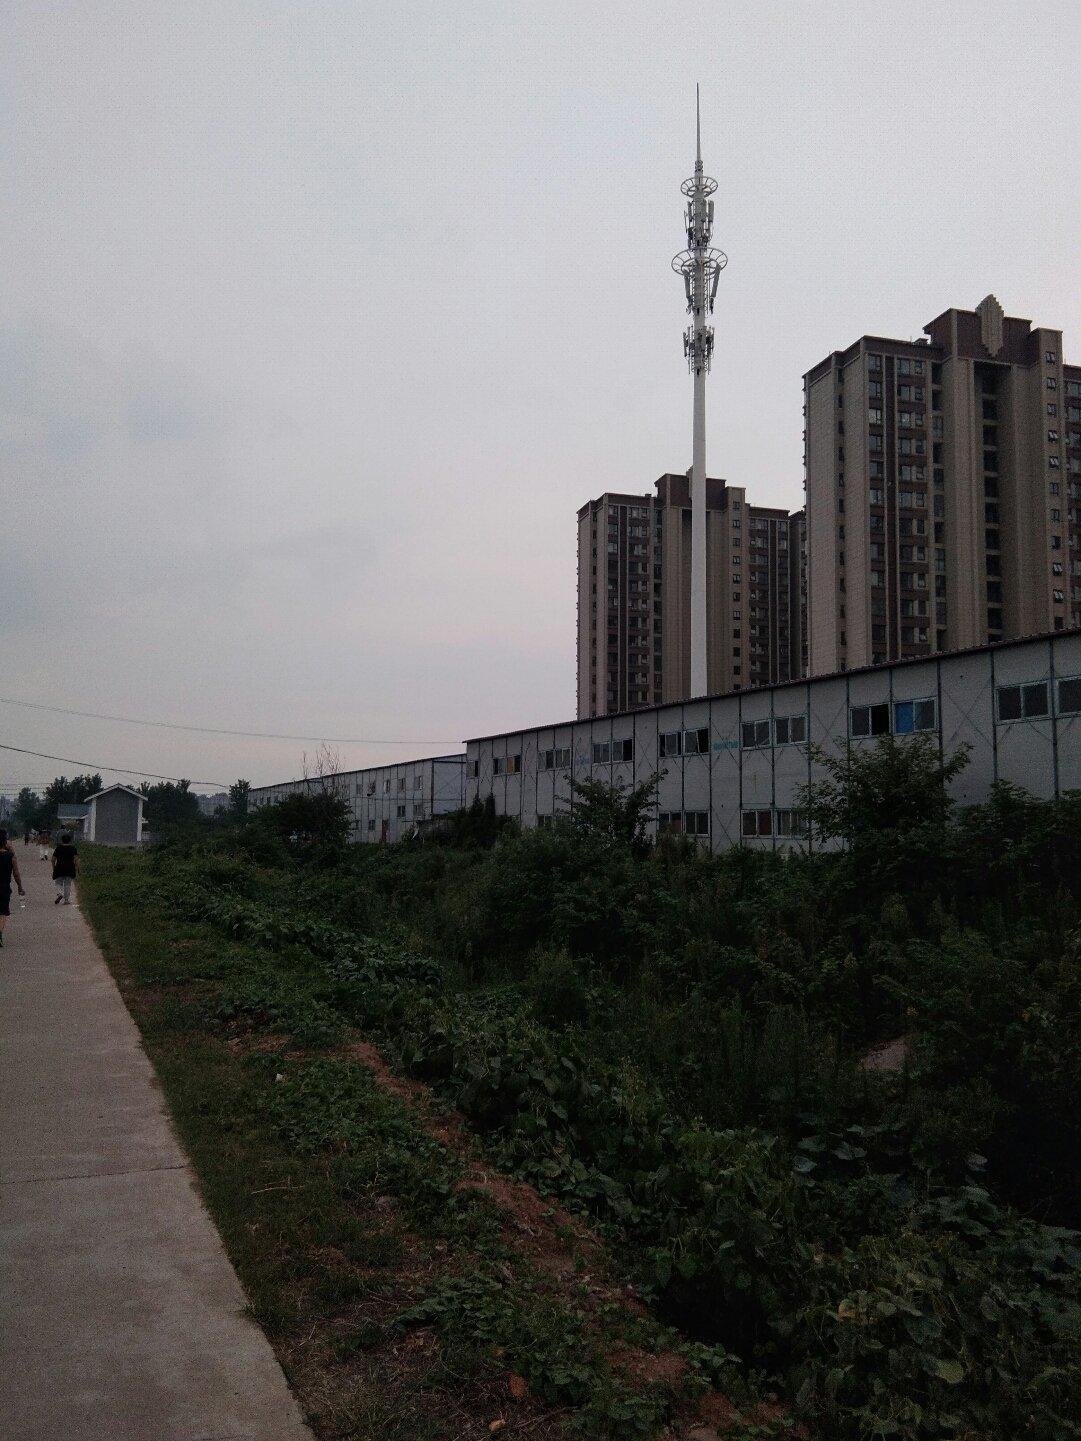 江苏省南京市六合区聚鑫路靠近长城年级天气预报教案下册第五三小学小学英语单元图片